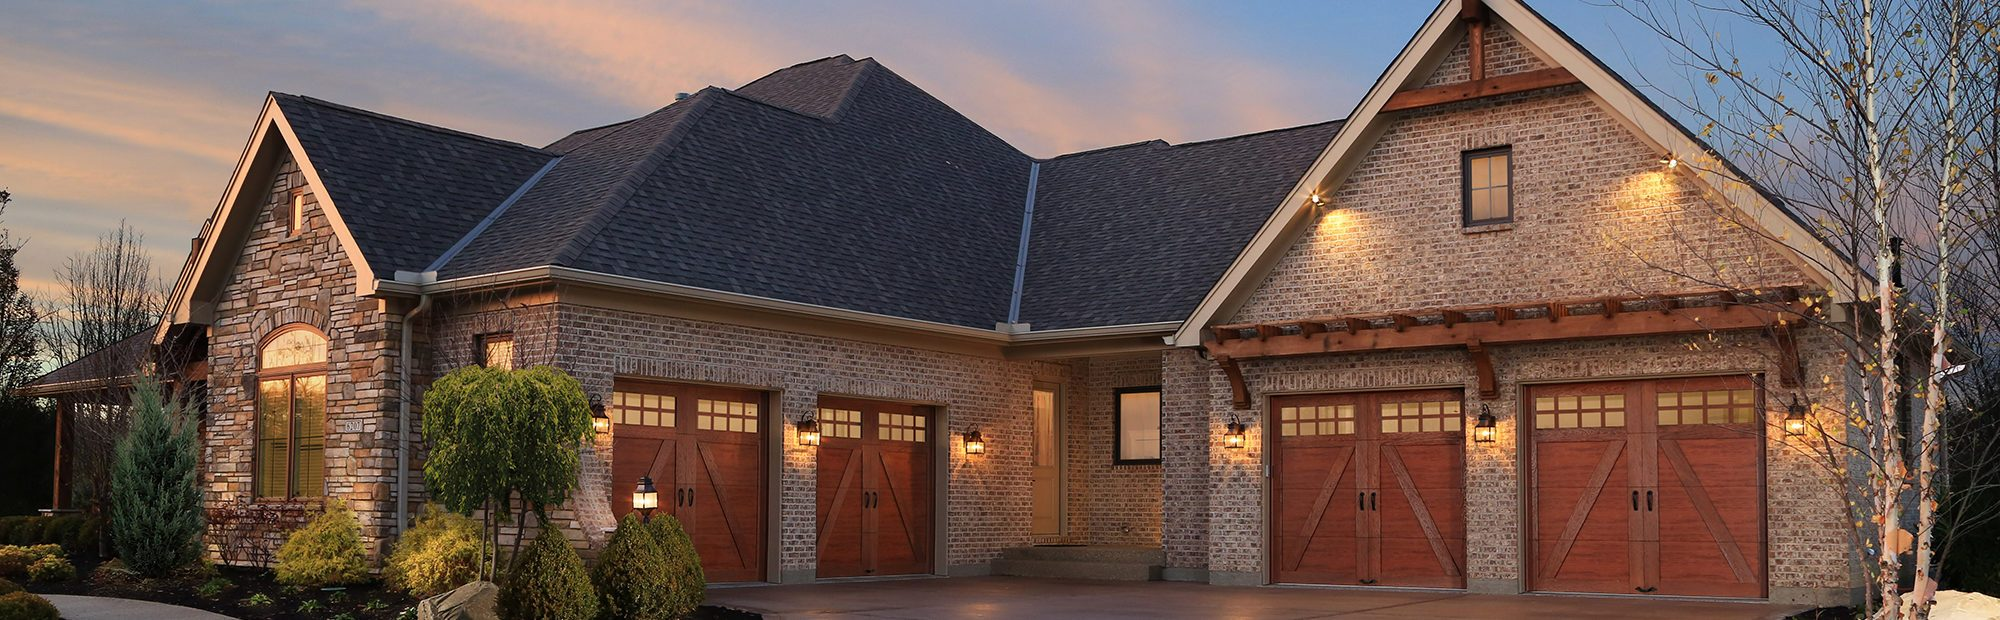 Your Garage Door & Service Experts